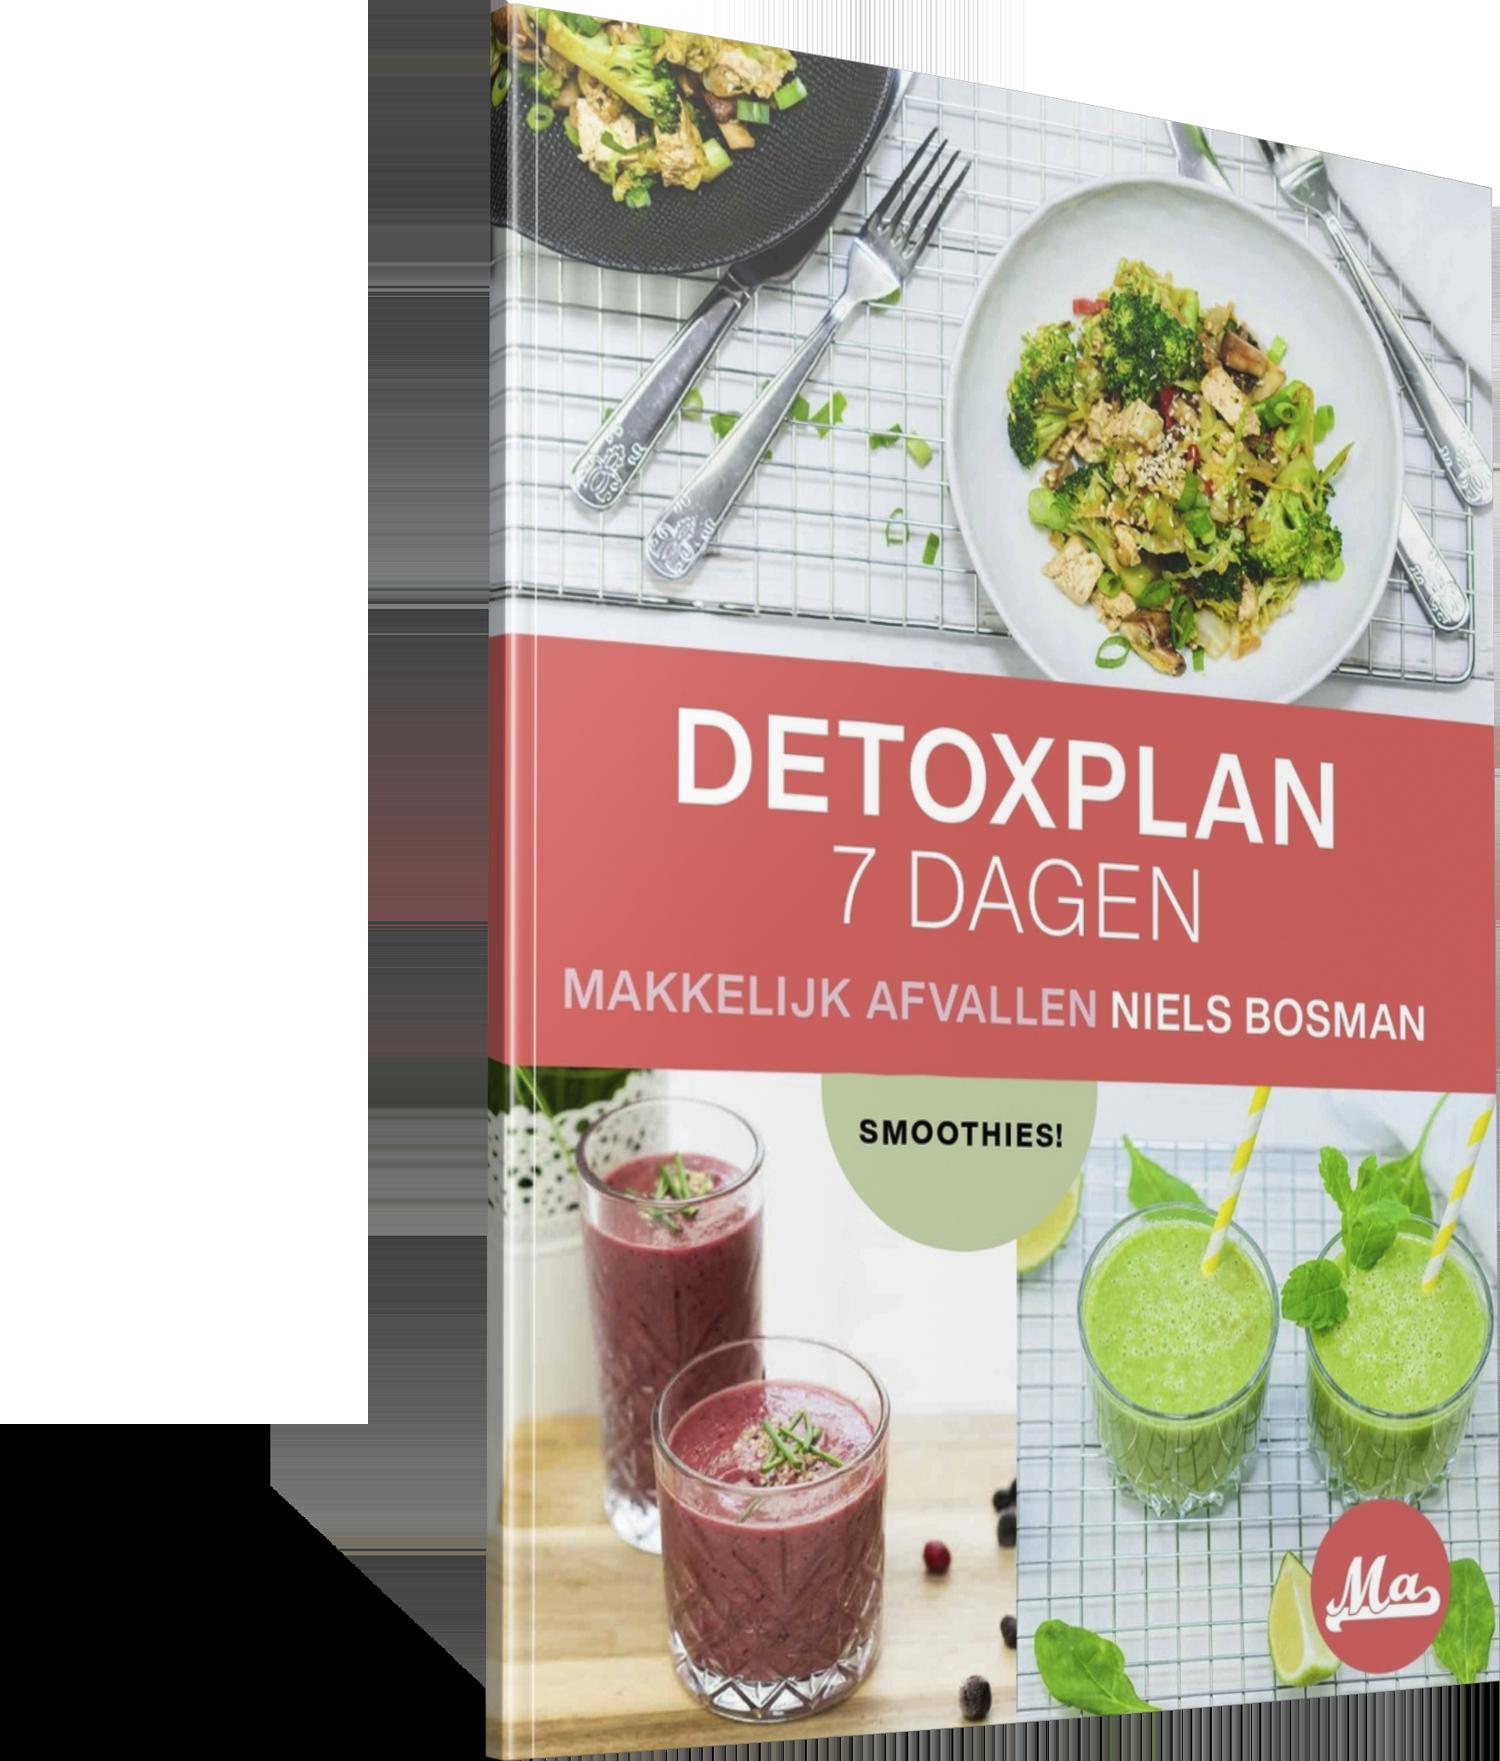 detox plan 7 dagen